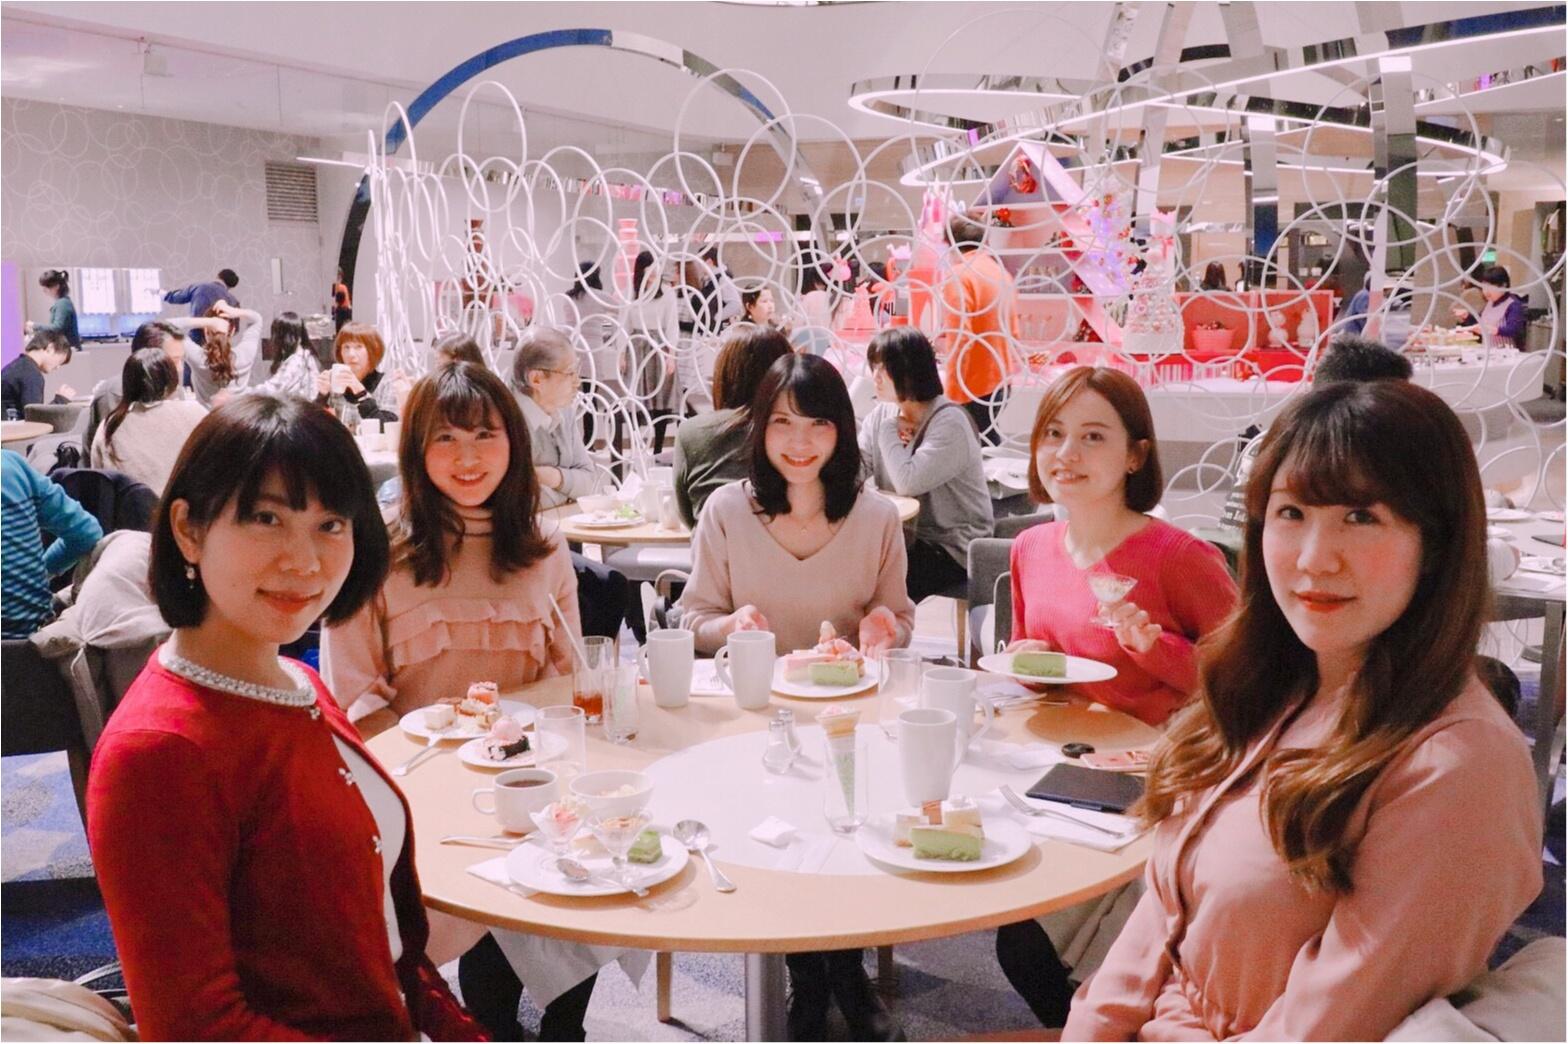 ヒルトン東京ベイ【ピンク・クリスマス】ビュッフェがかわいすぎる!_4